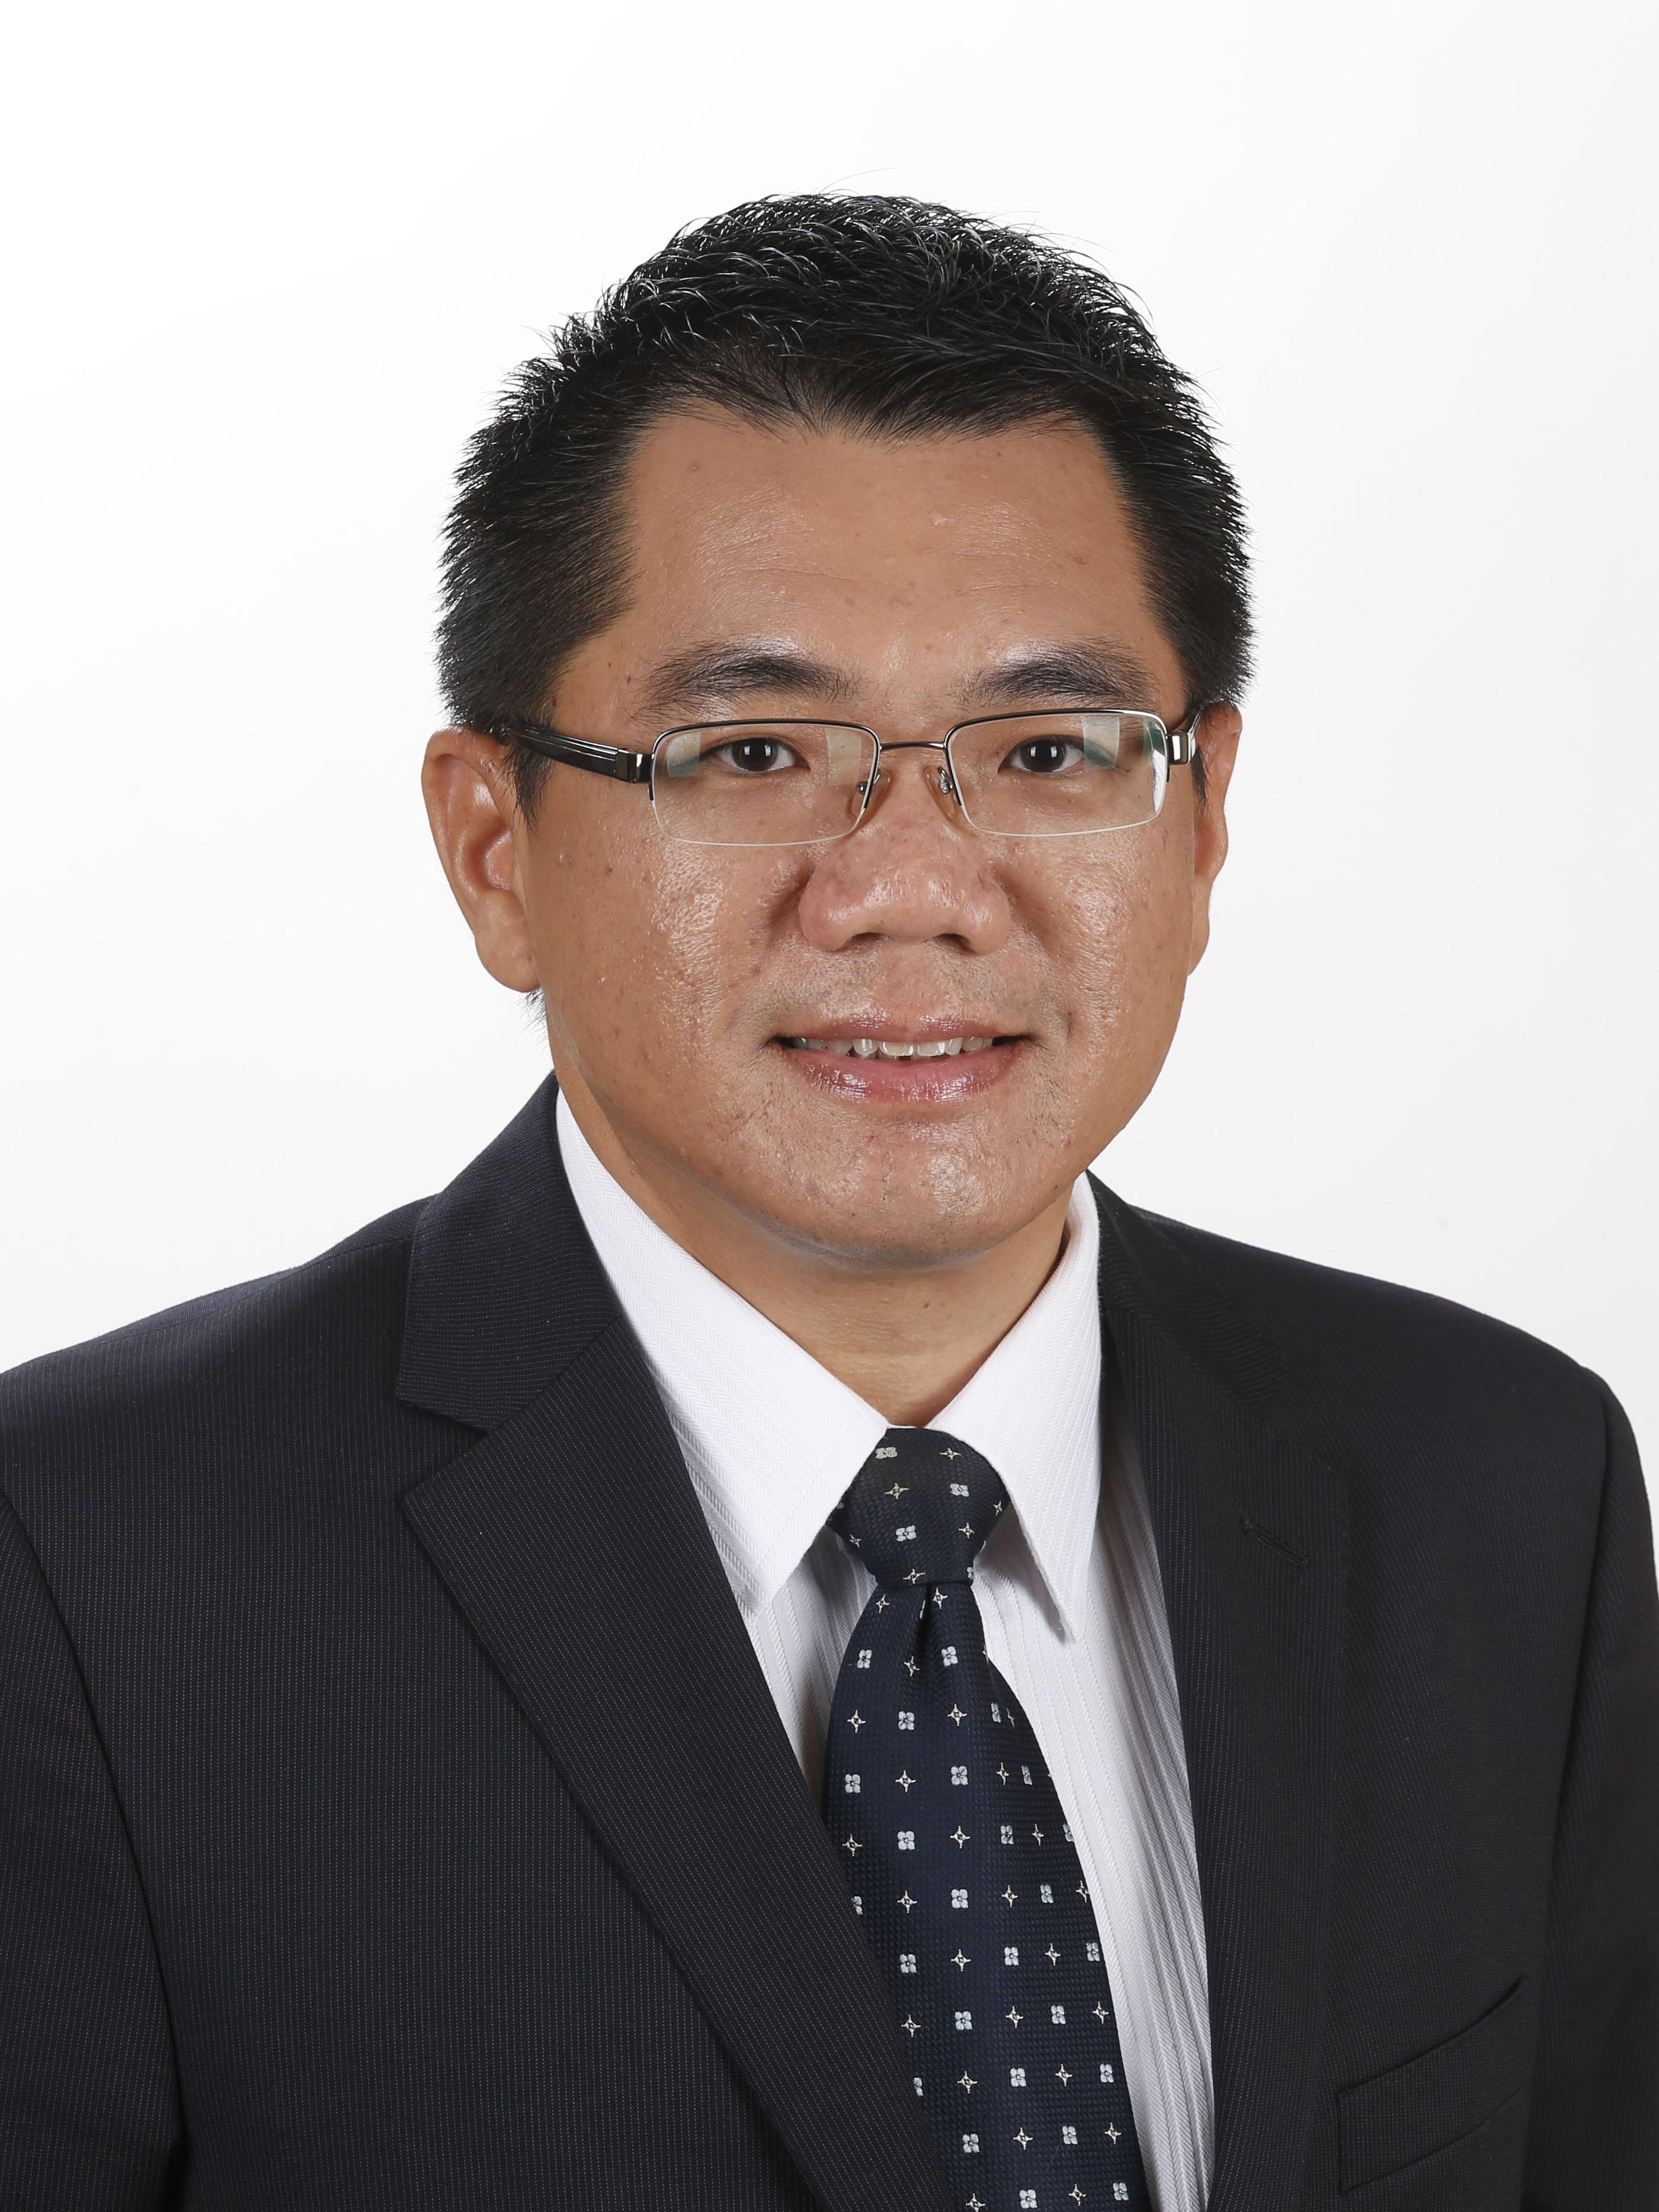 Chee Hong Tan